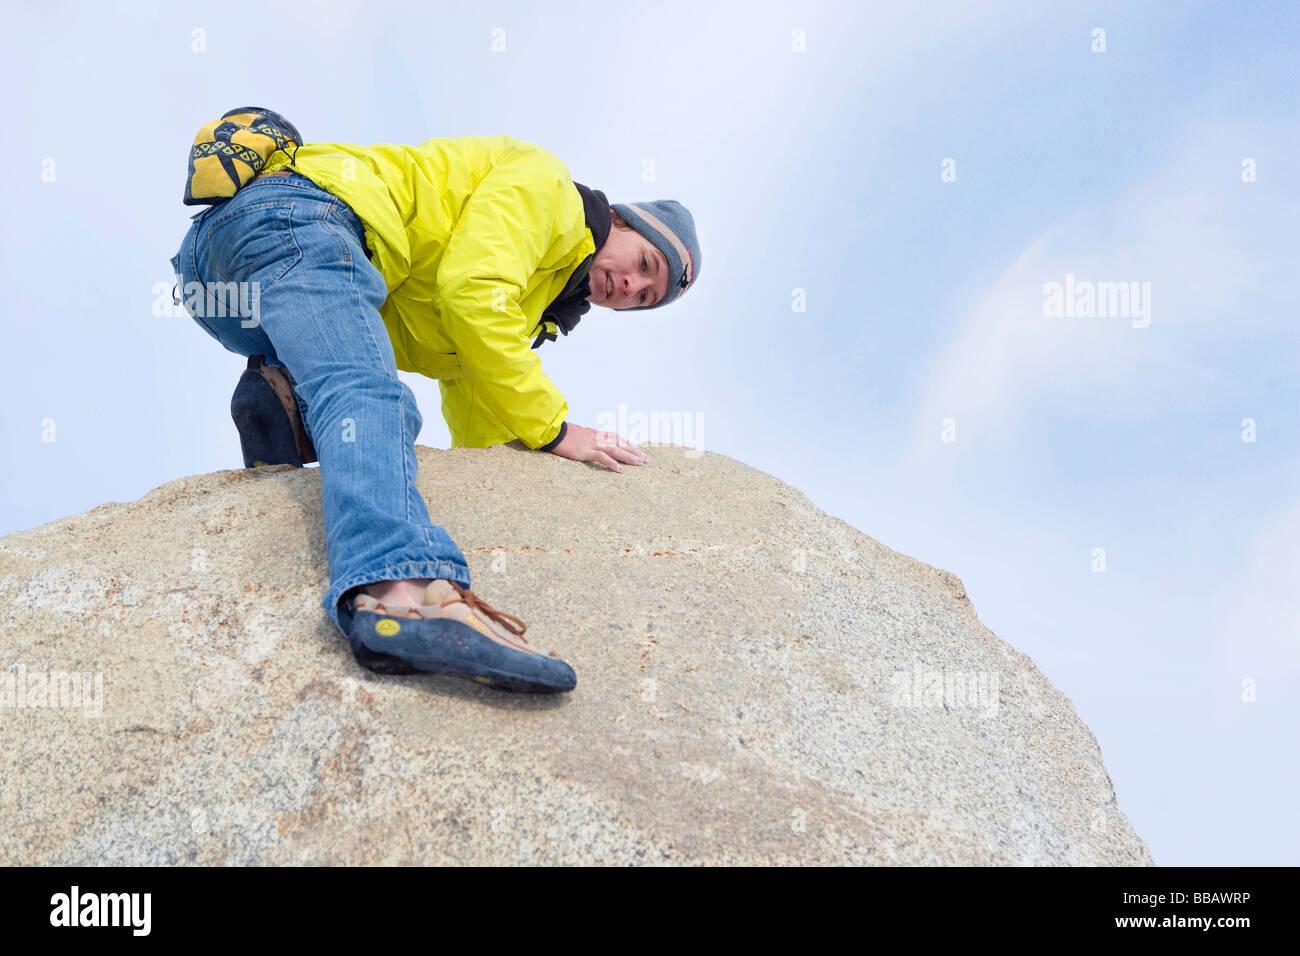 Free climber descending boulder - Stock Image